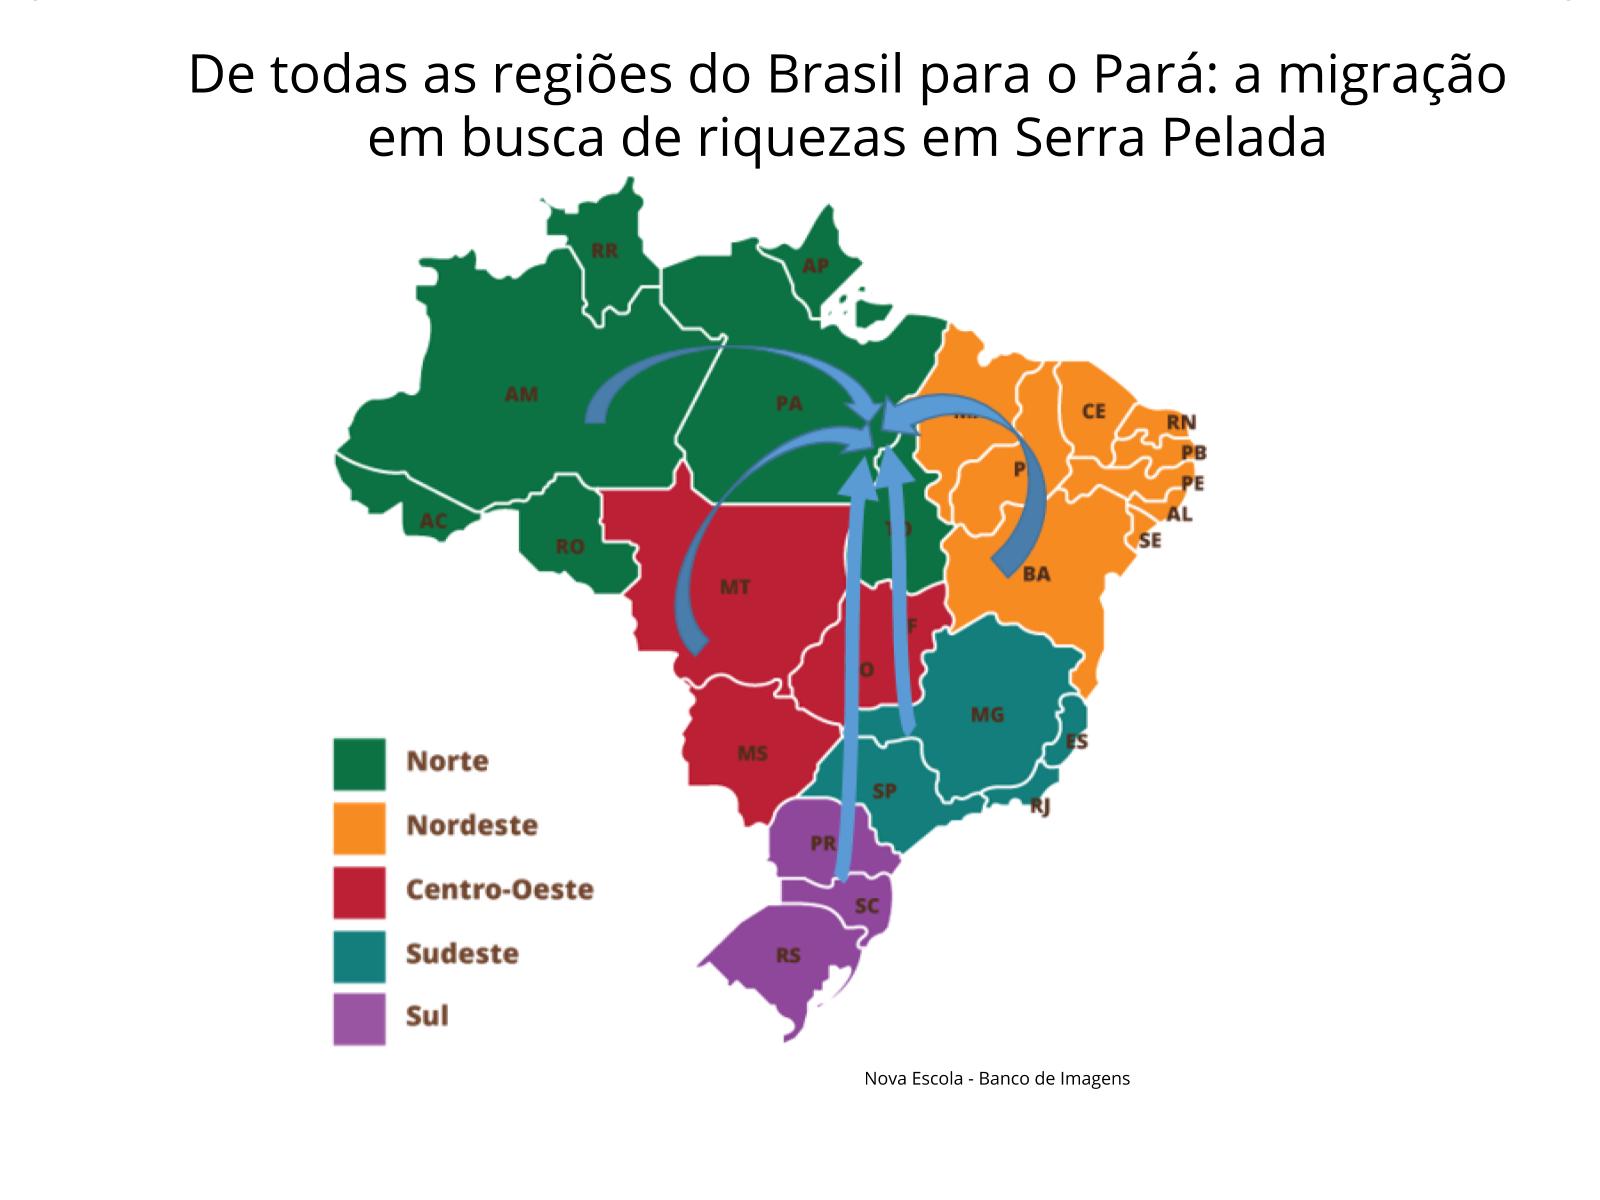 As migrações internas no Brasil e a busca por riquezas: o garimpo de Serra Pelada